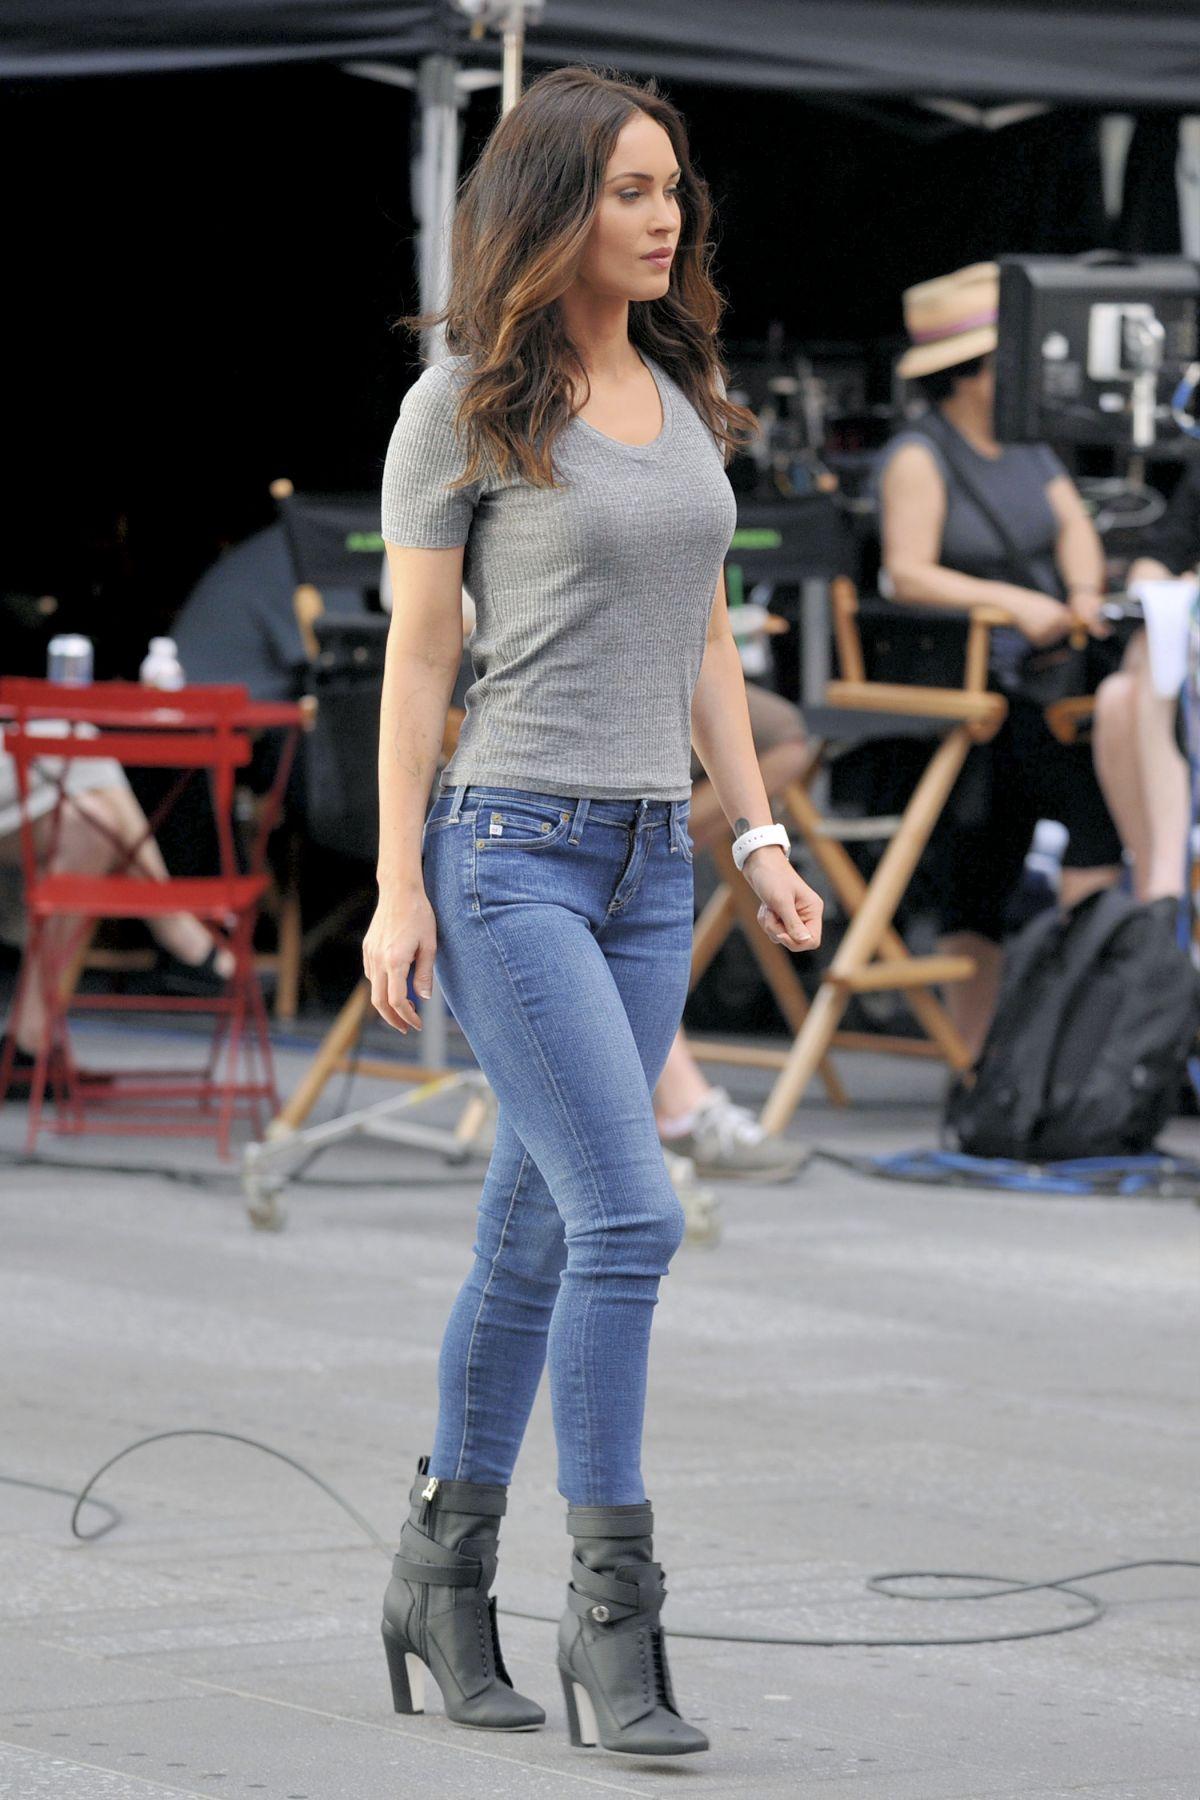 Megan Fox On The Set Of Teenage Mutant Ninja Turtles 2 05 11 20152